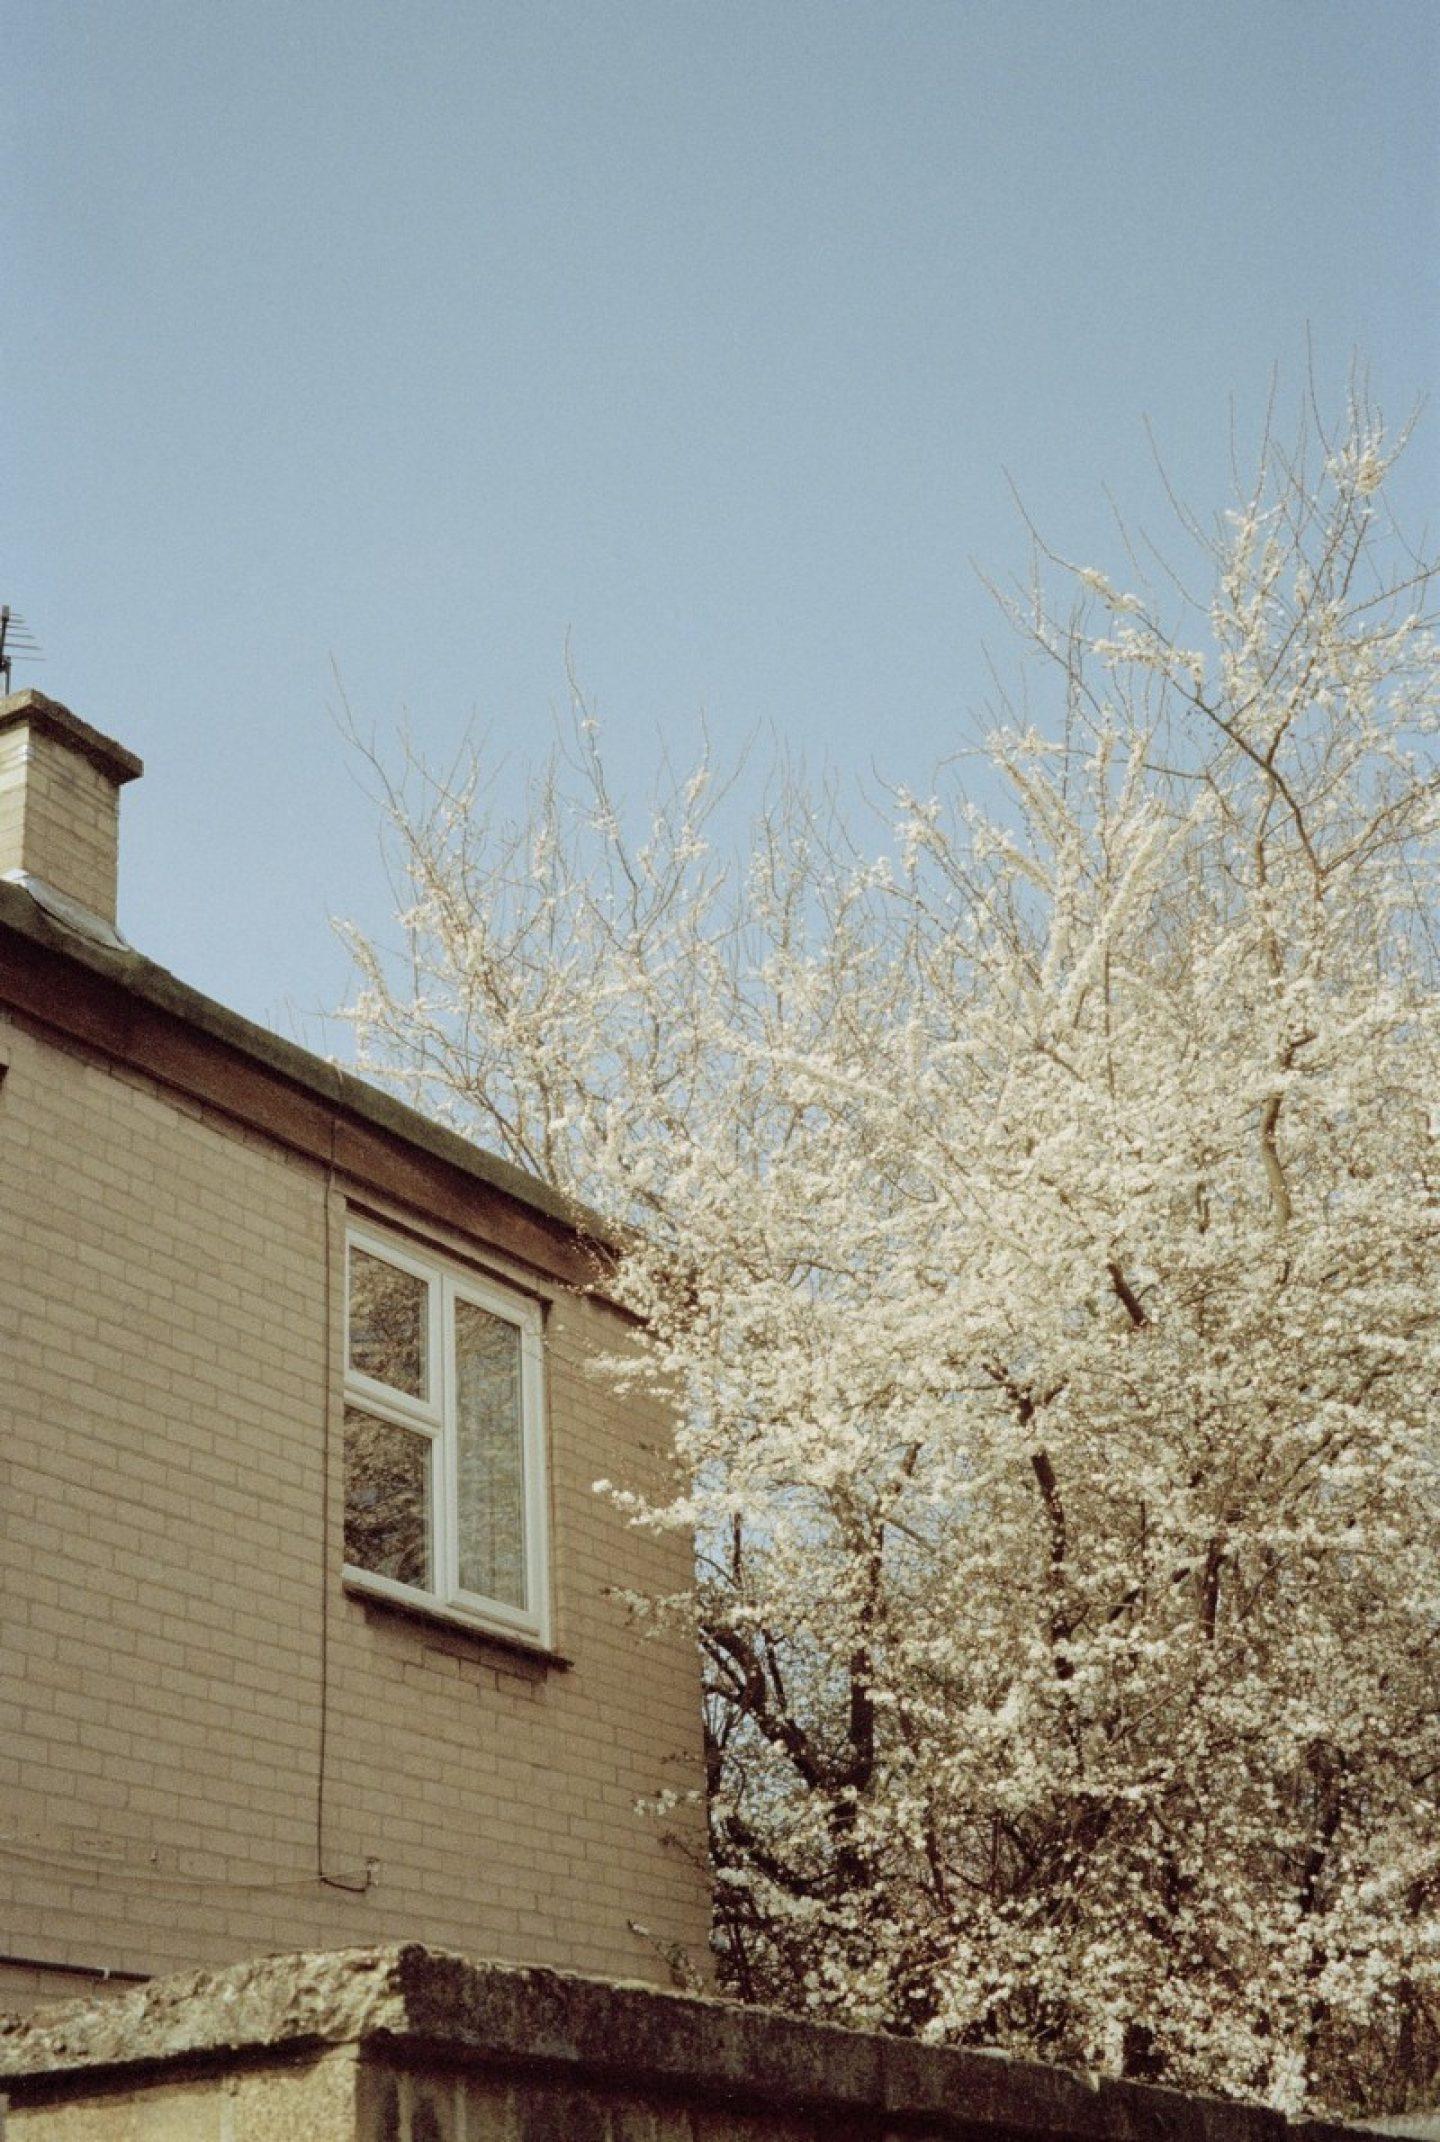 kelianne_photography-11-kopiowanie